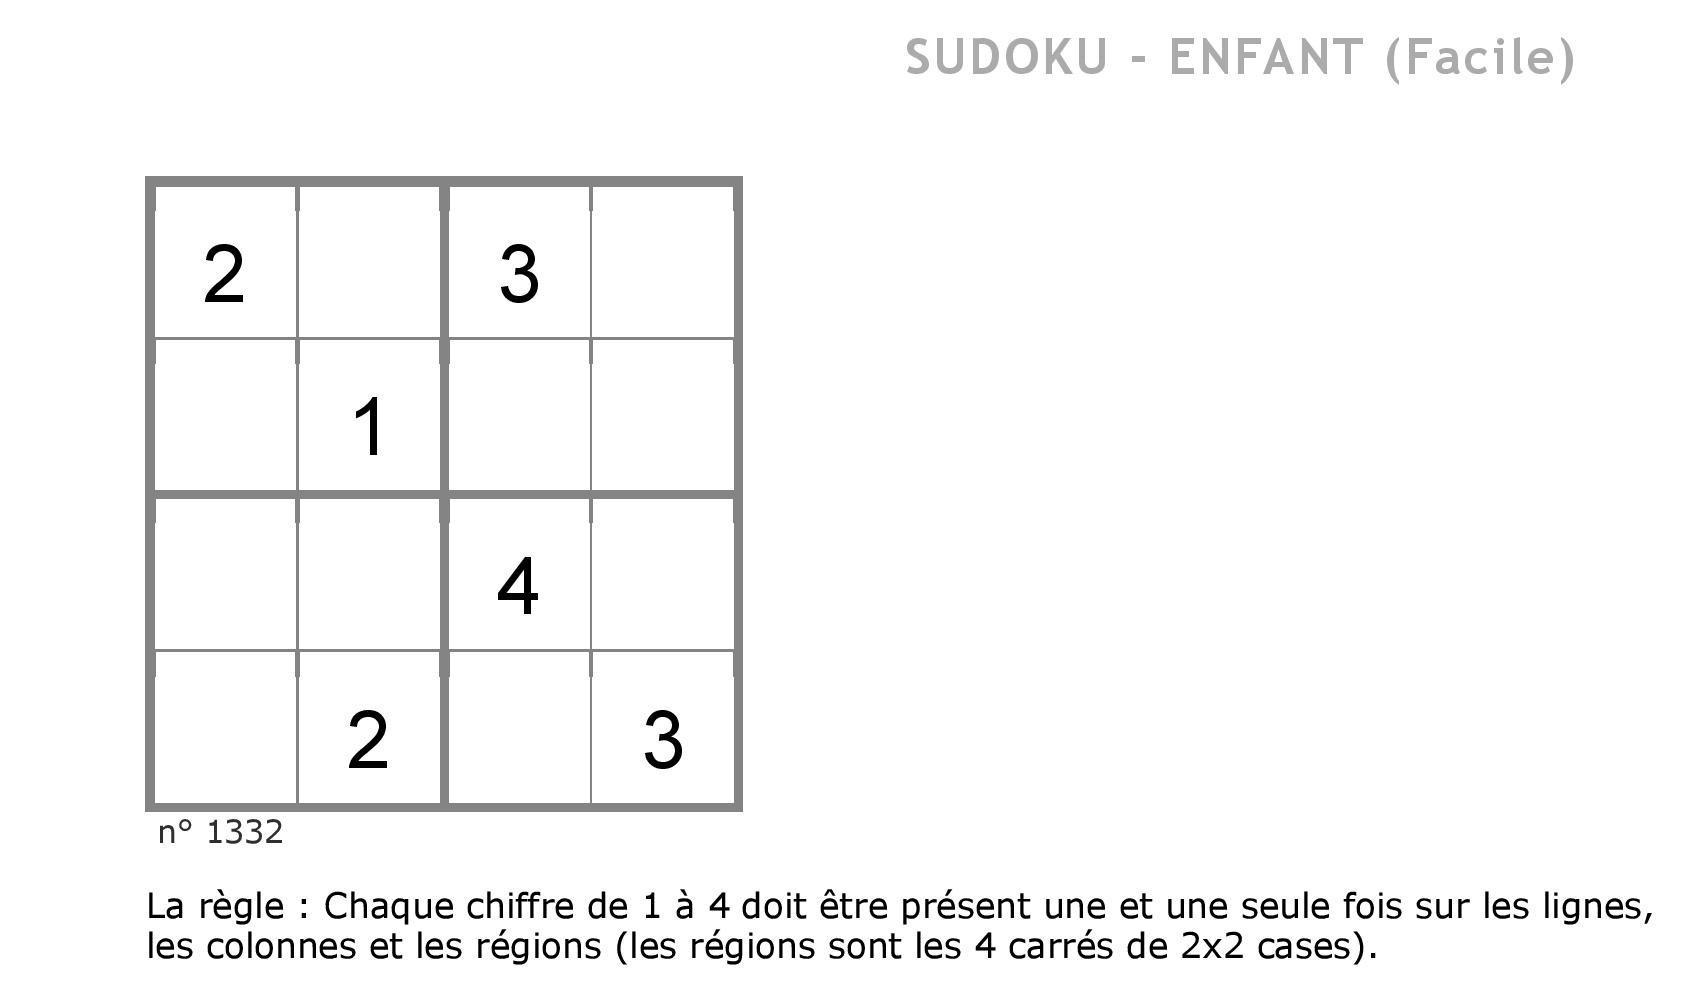 Contes Pour Enfants Sudoku 5 À Lire - Fr.hellokids encequiconcerne Sudoku Pour Enfant